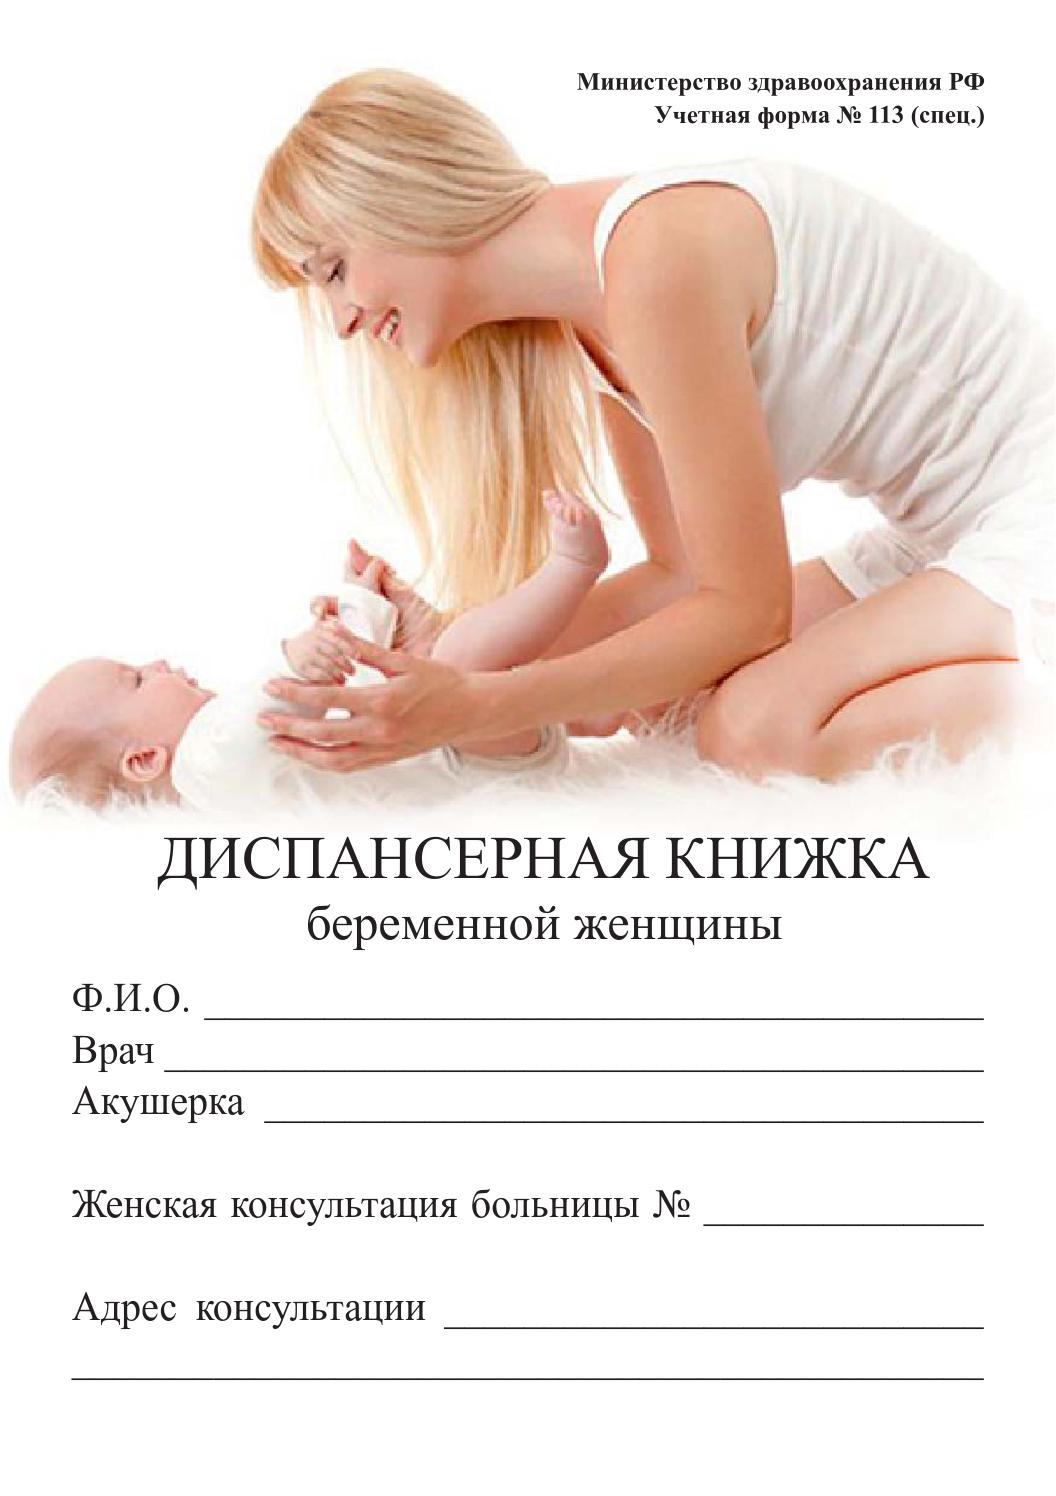 Диспансерный учет беременных